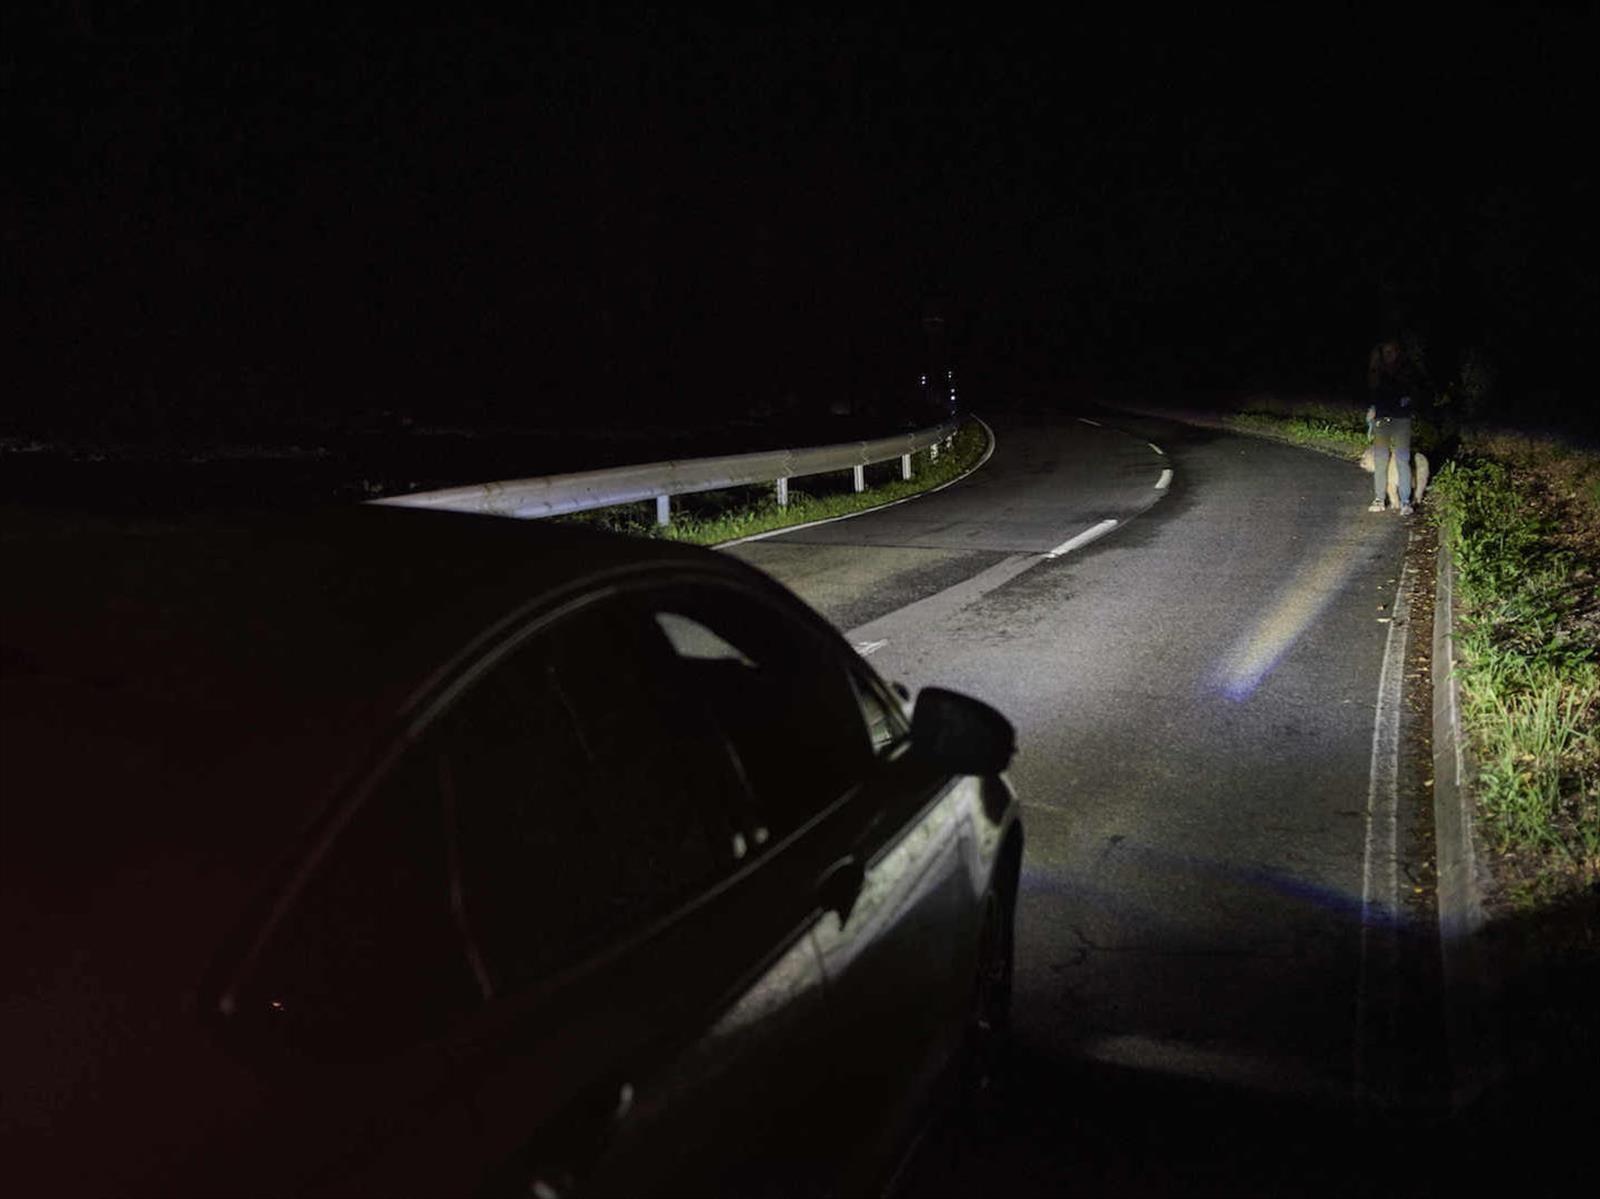 Ford muestra la evolución de sus sistemas de iluminación